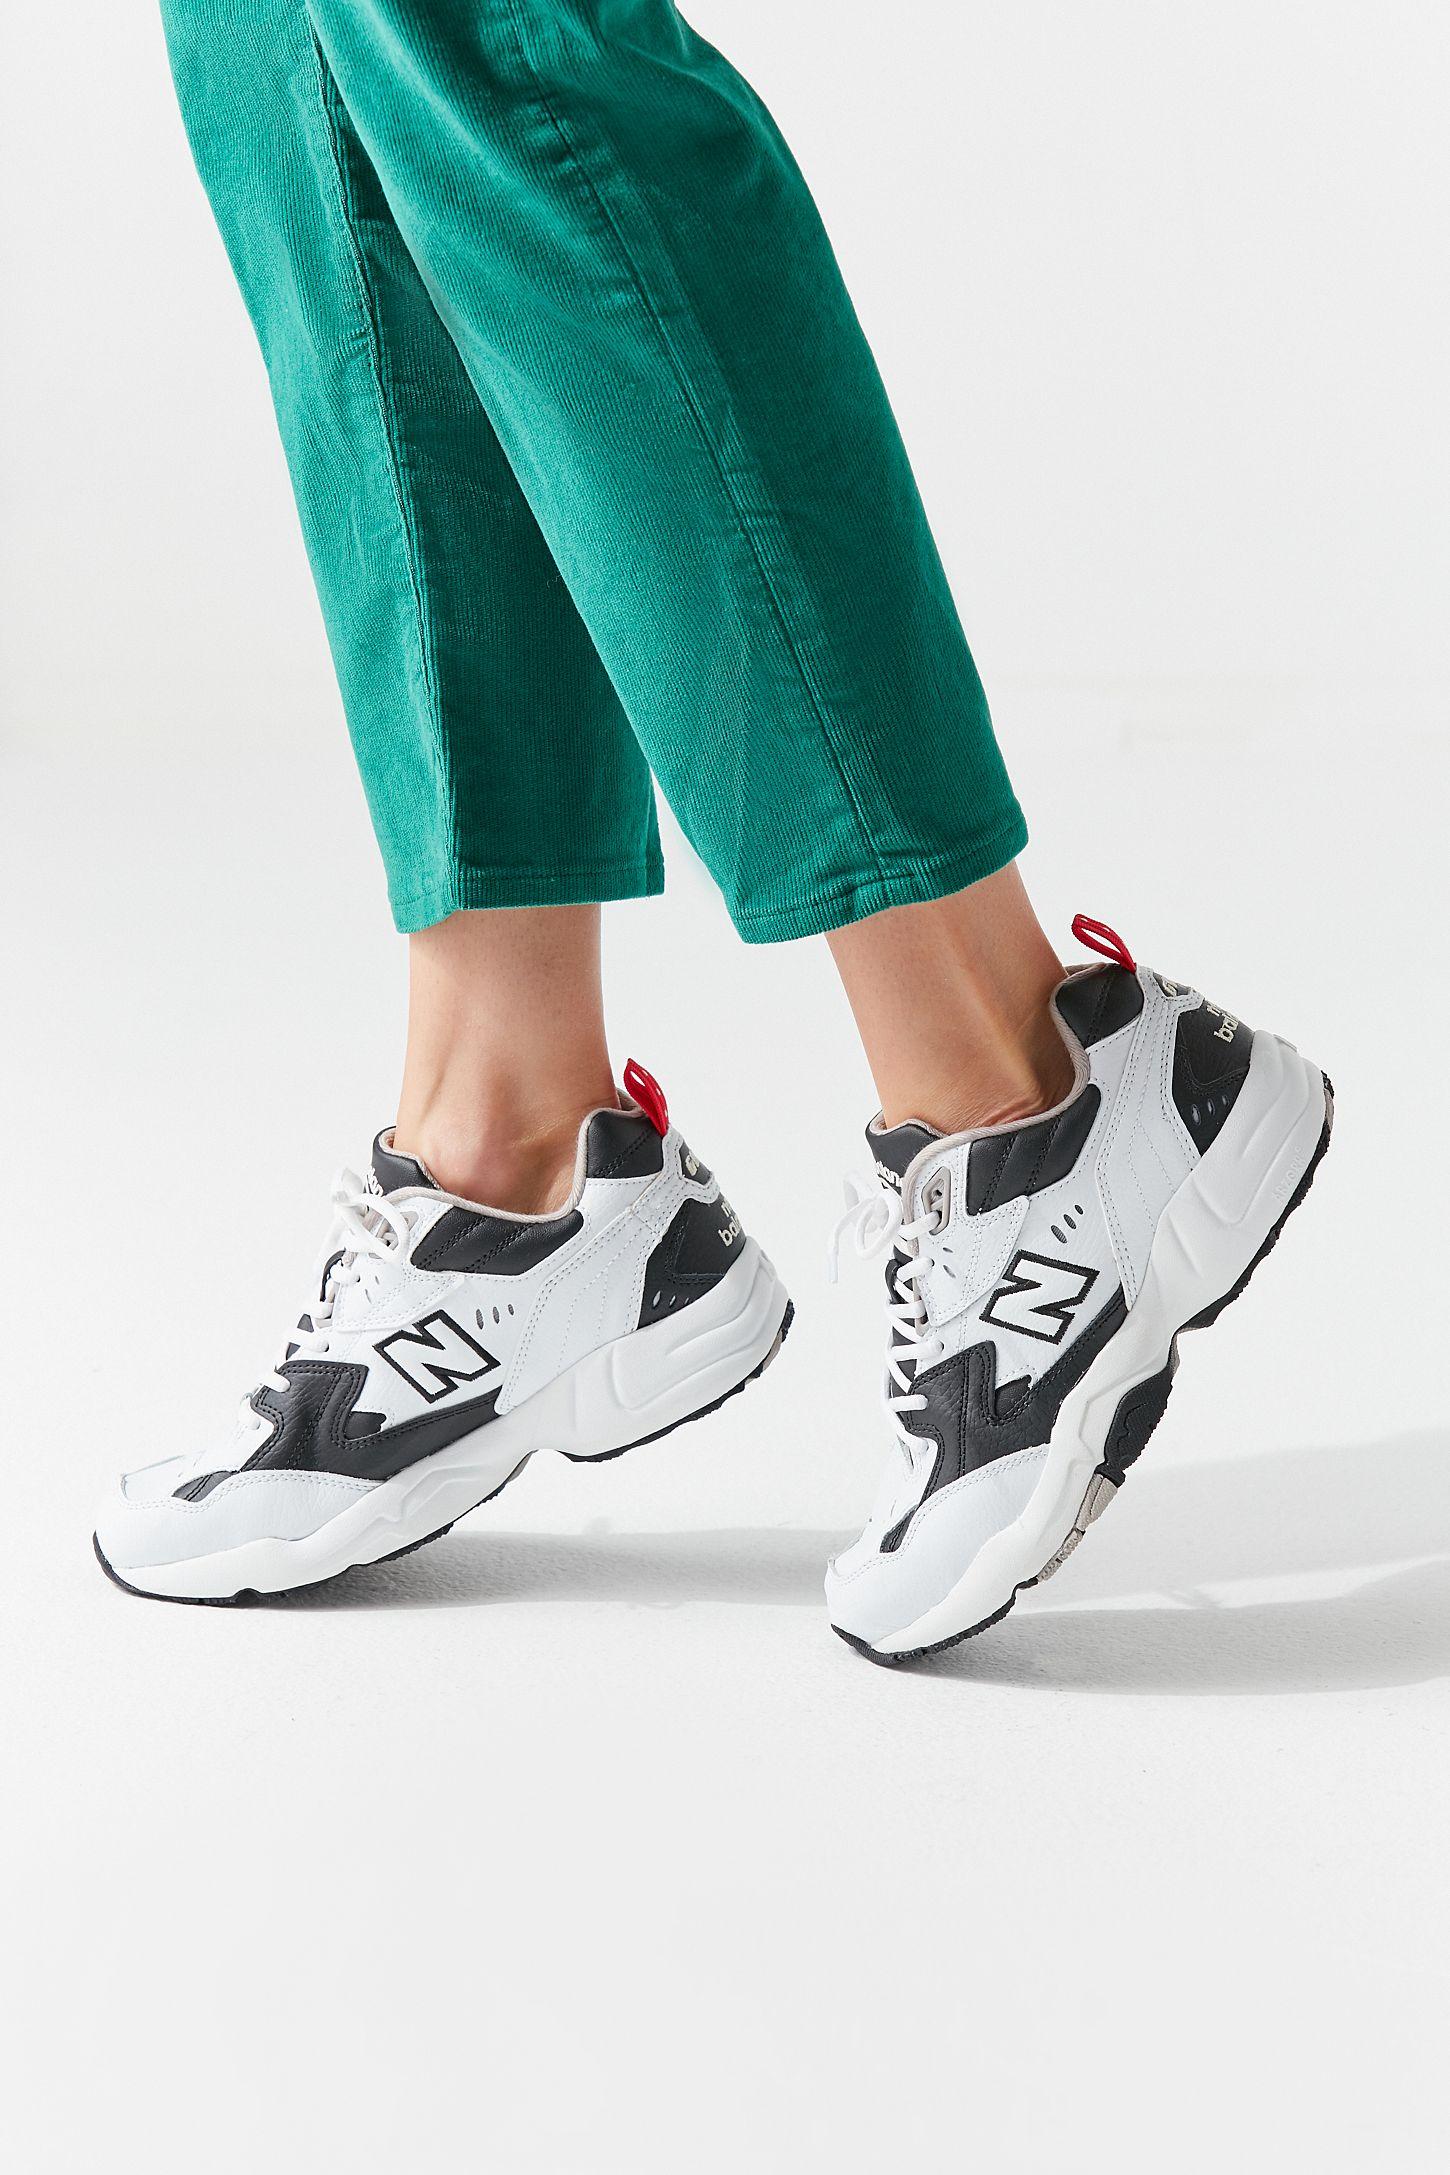 New Balance 608v1 Sneaker